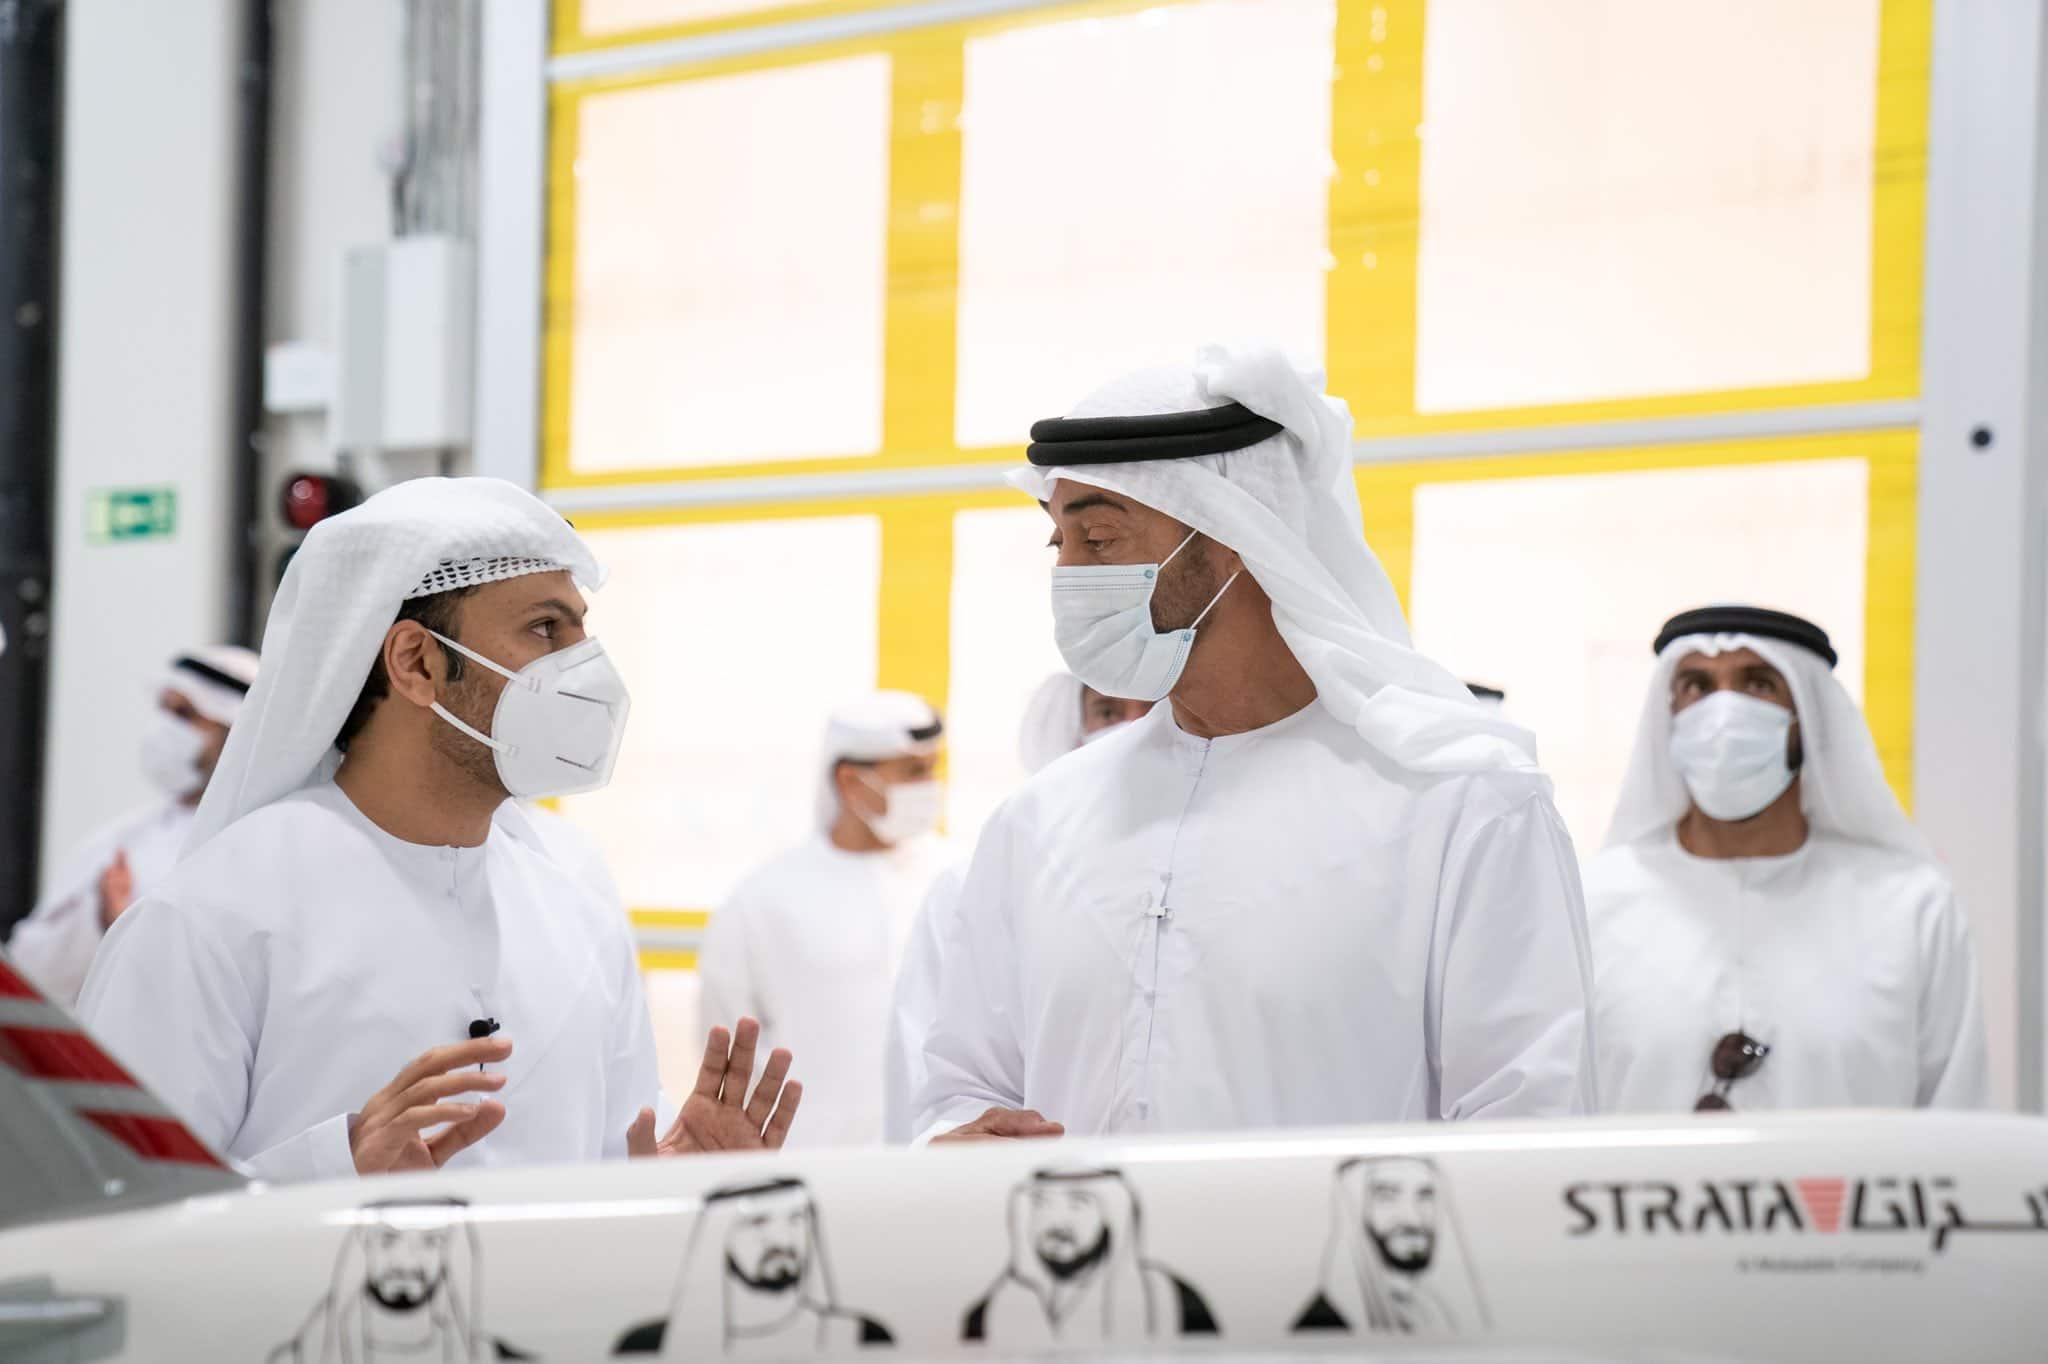 إيكونوميست: حقائب الأموال تسبق الفارين إلى الإمارات وابن زايد يحتفظ بالجوكر ودحلان يساعده